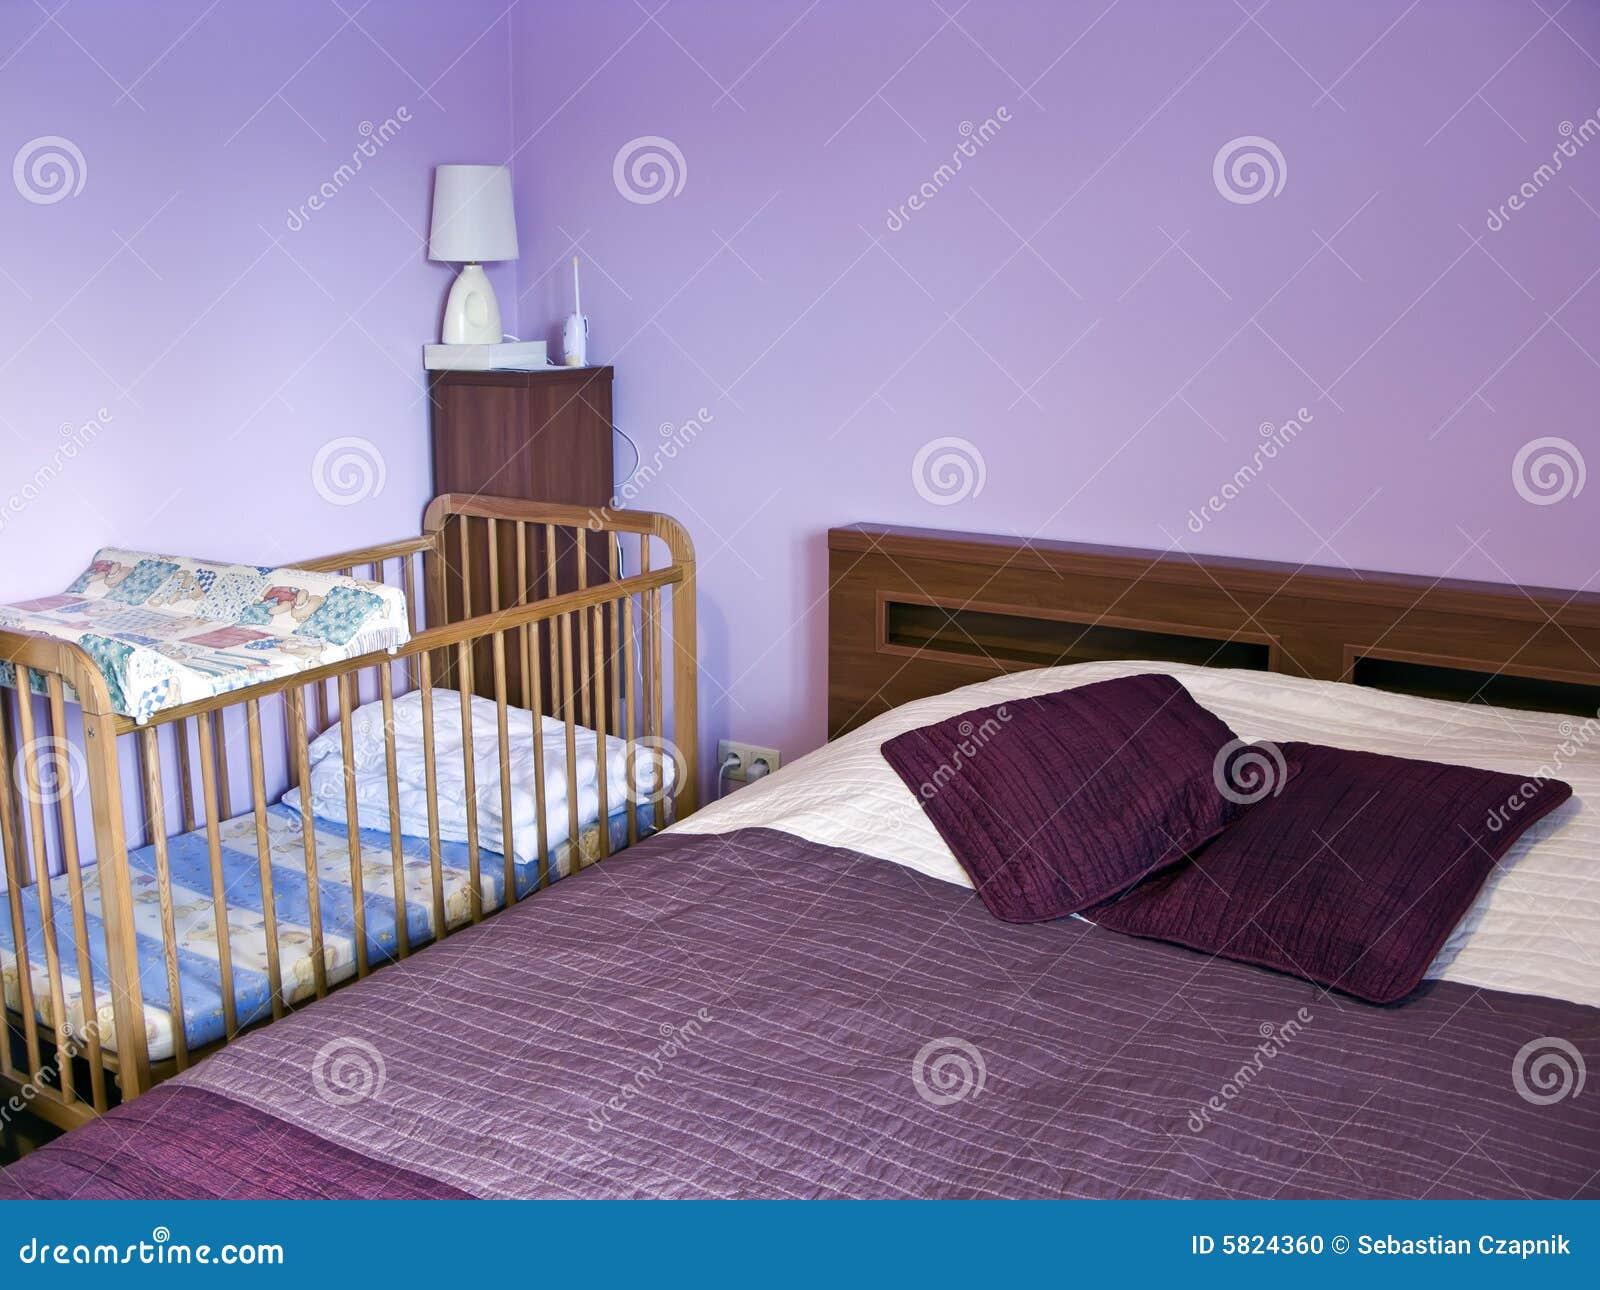 Camera da letto viola fotografia stock immagine 5824360 - Camera da letto bianca e viola ...